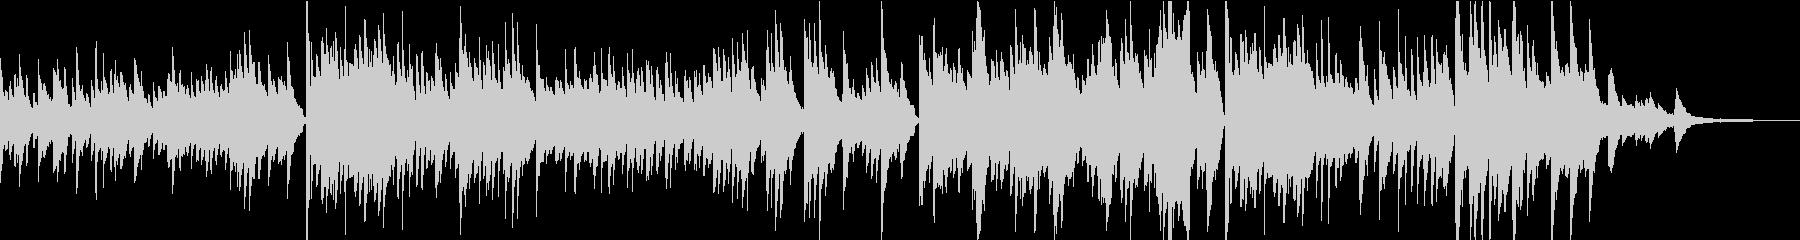 感動的で前向きなピアノ独奏曲の未再生の波形